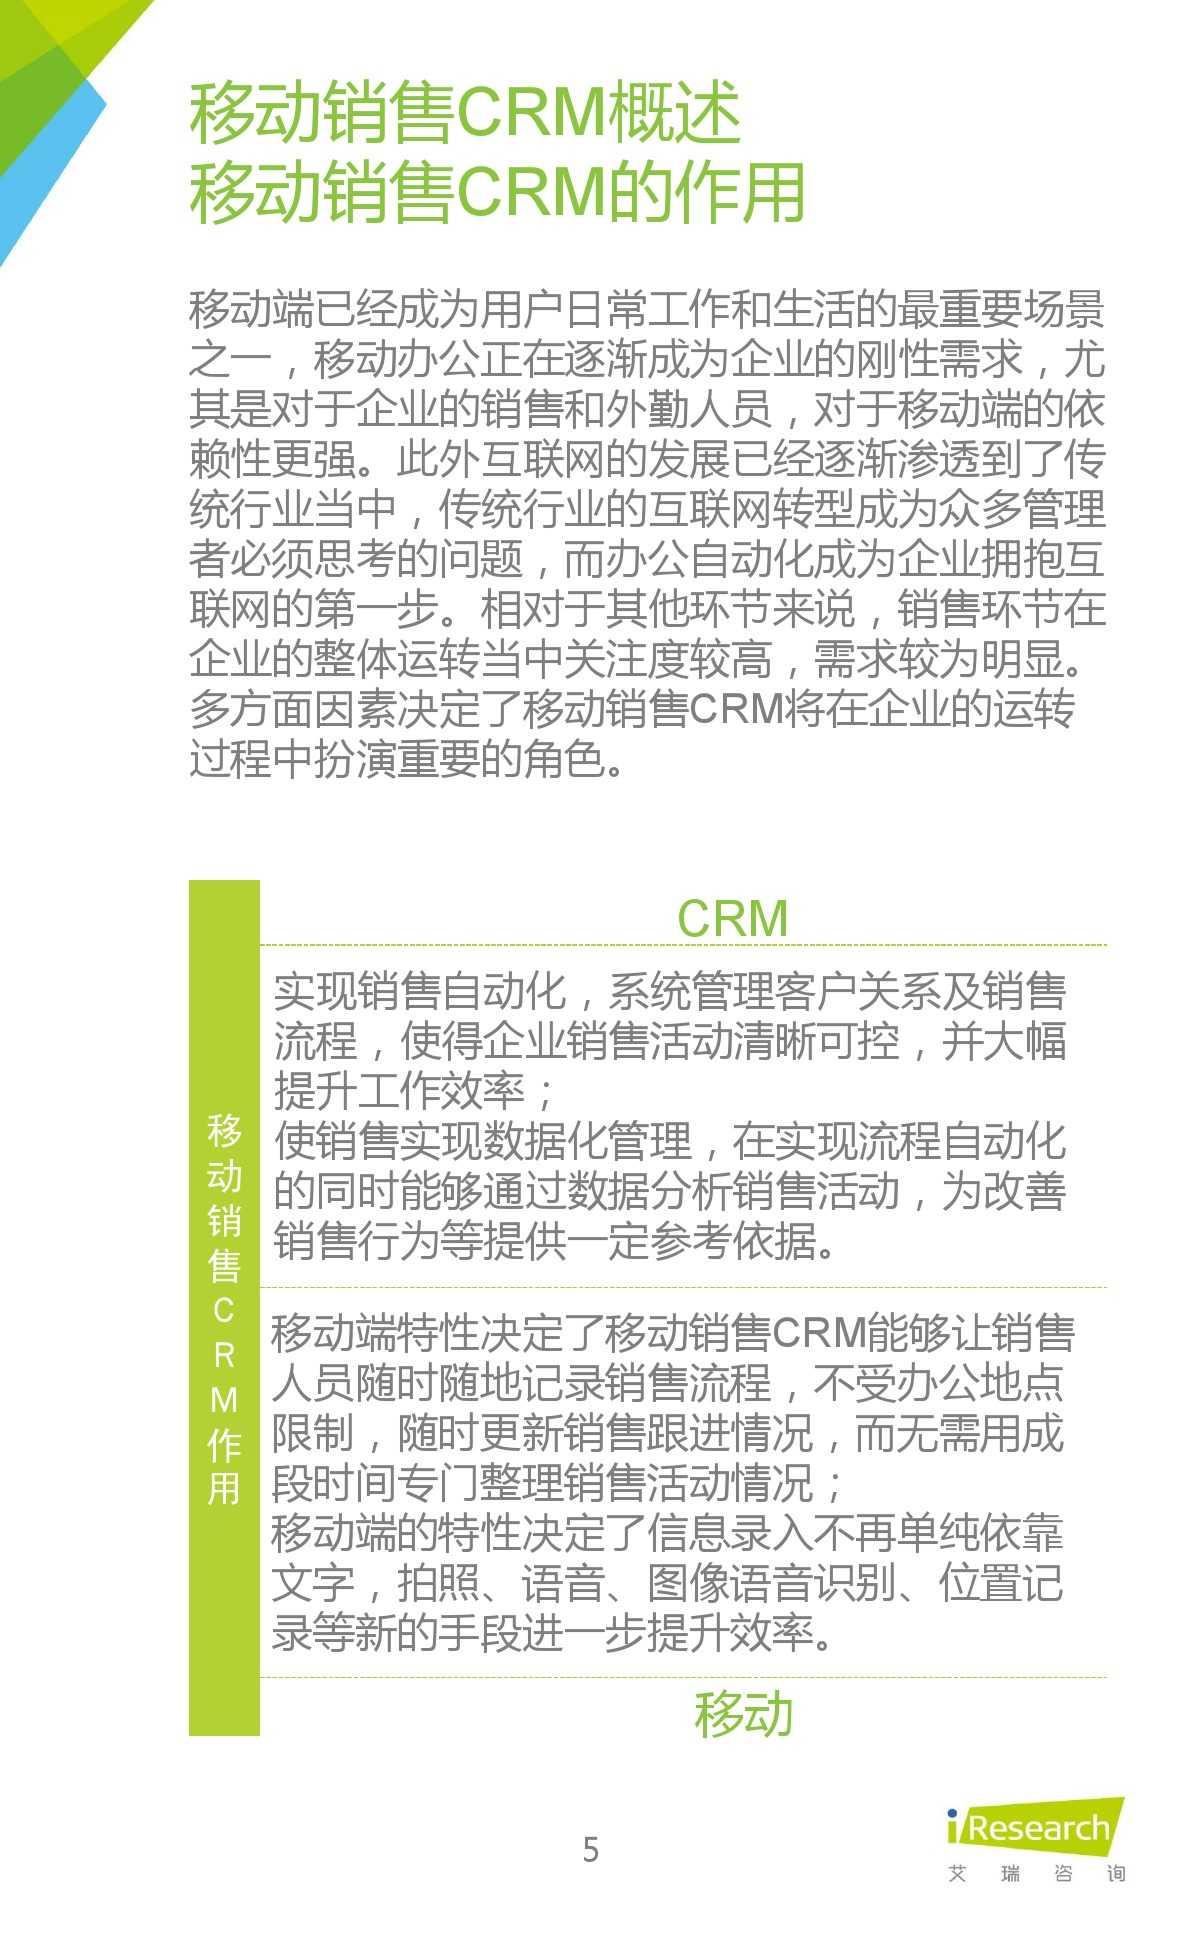 2015年中国移动销售CRM行业研究报告_000005